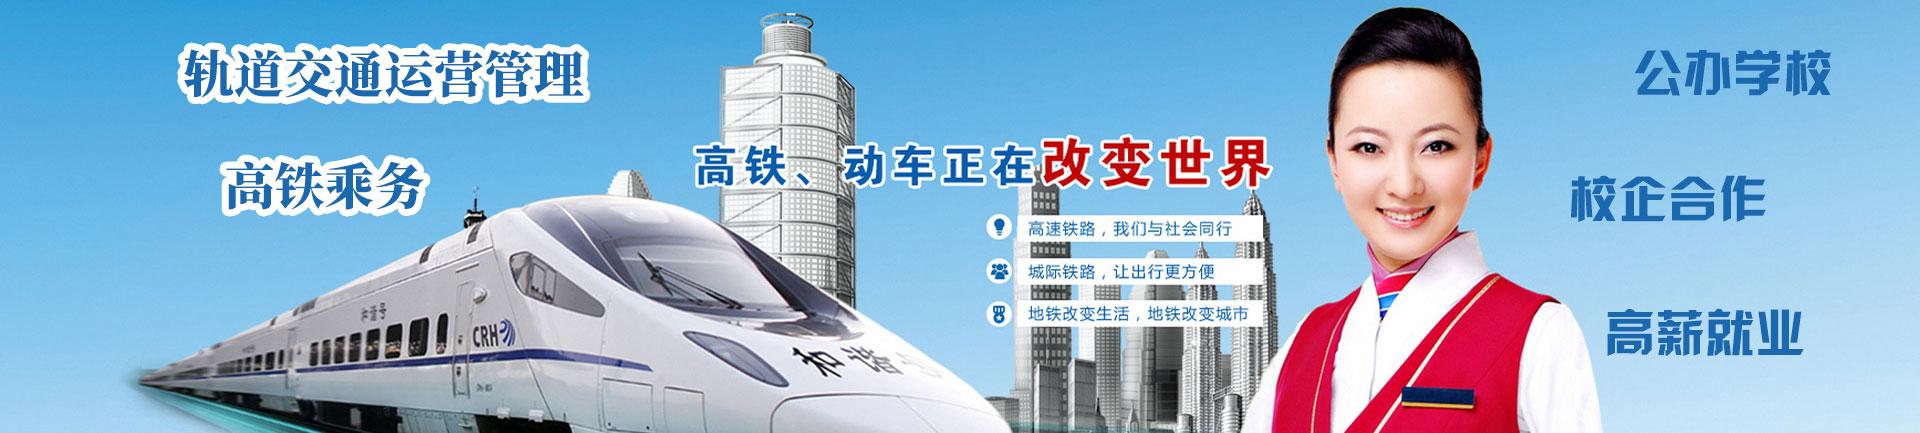 郑州高铁学校